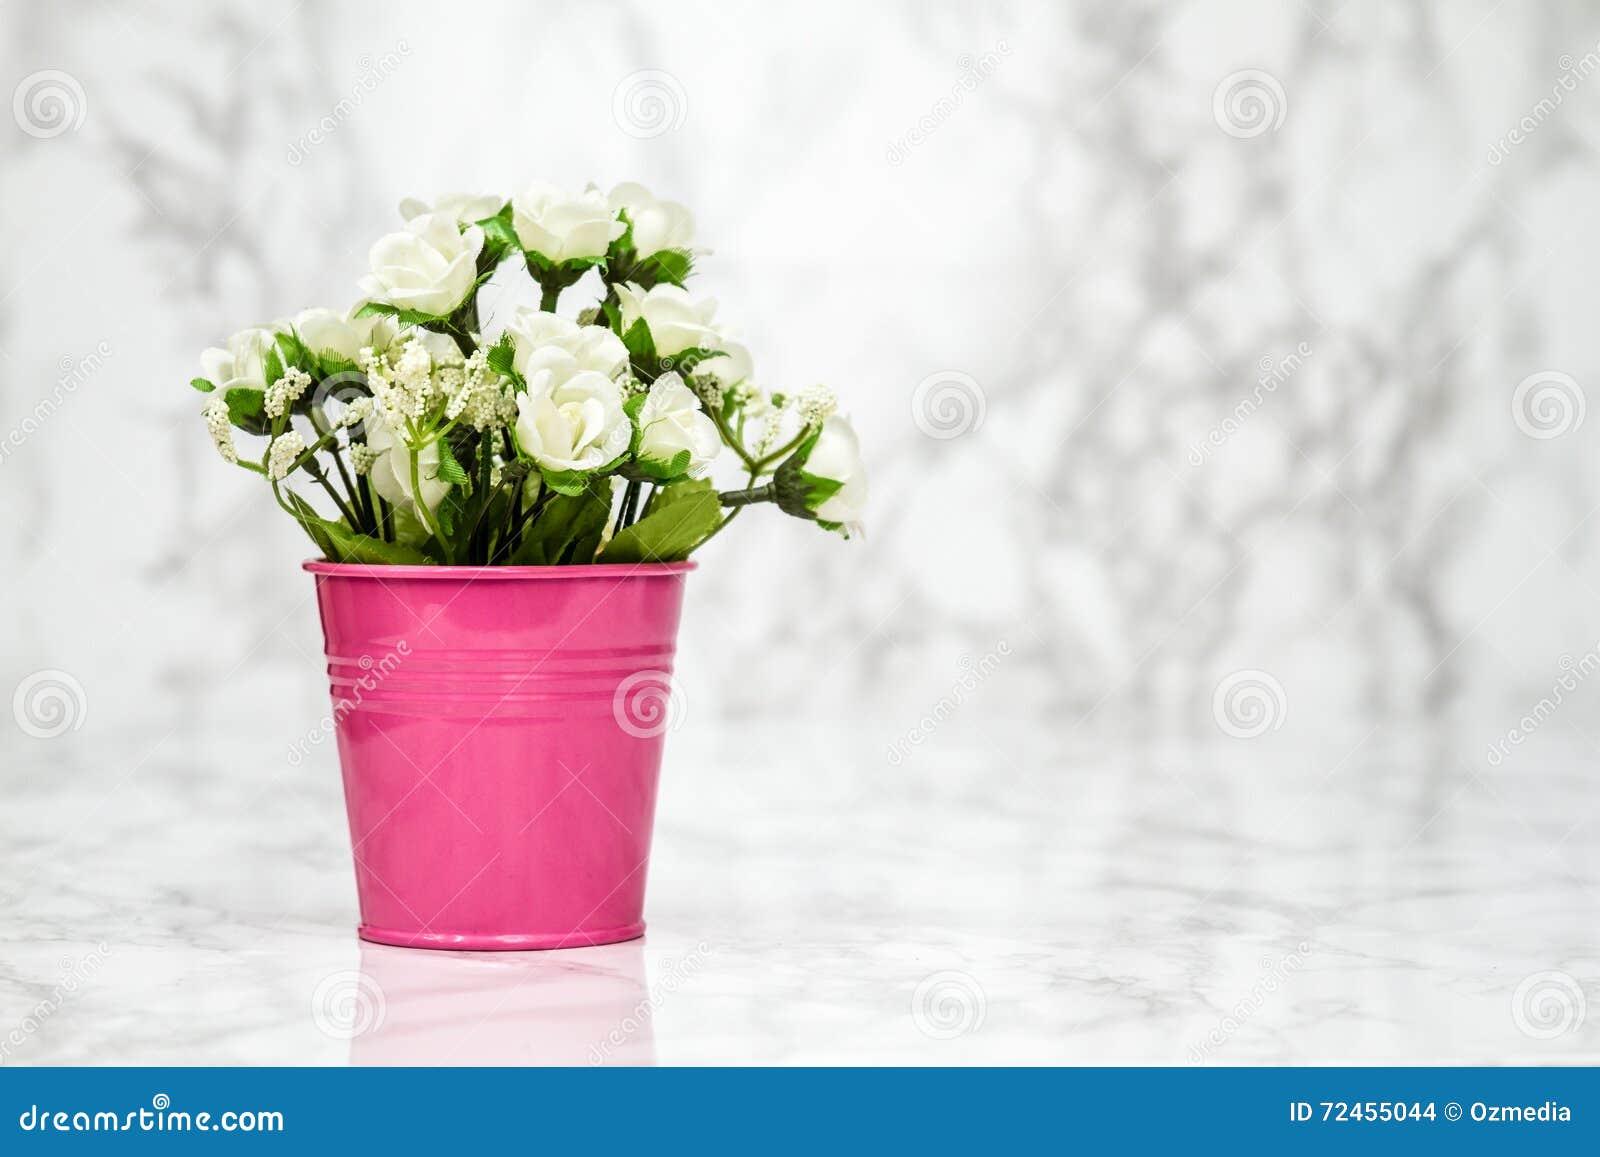 Petites Fleurs Blanches Artificielles Decoratives Dans Le Pot Rose